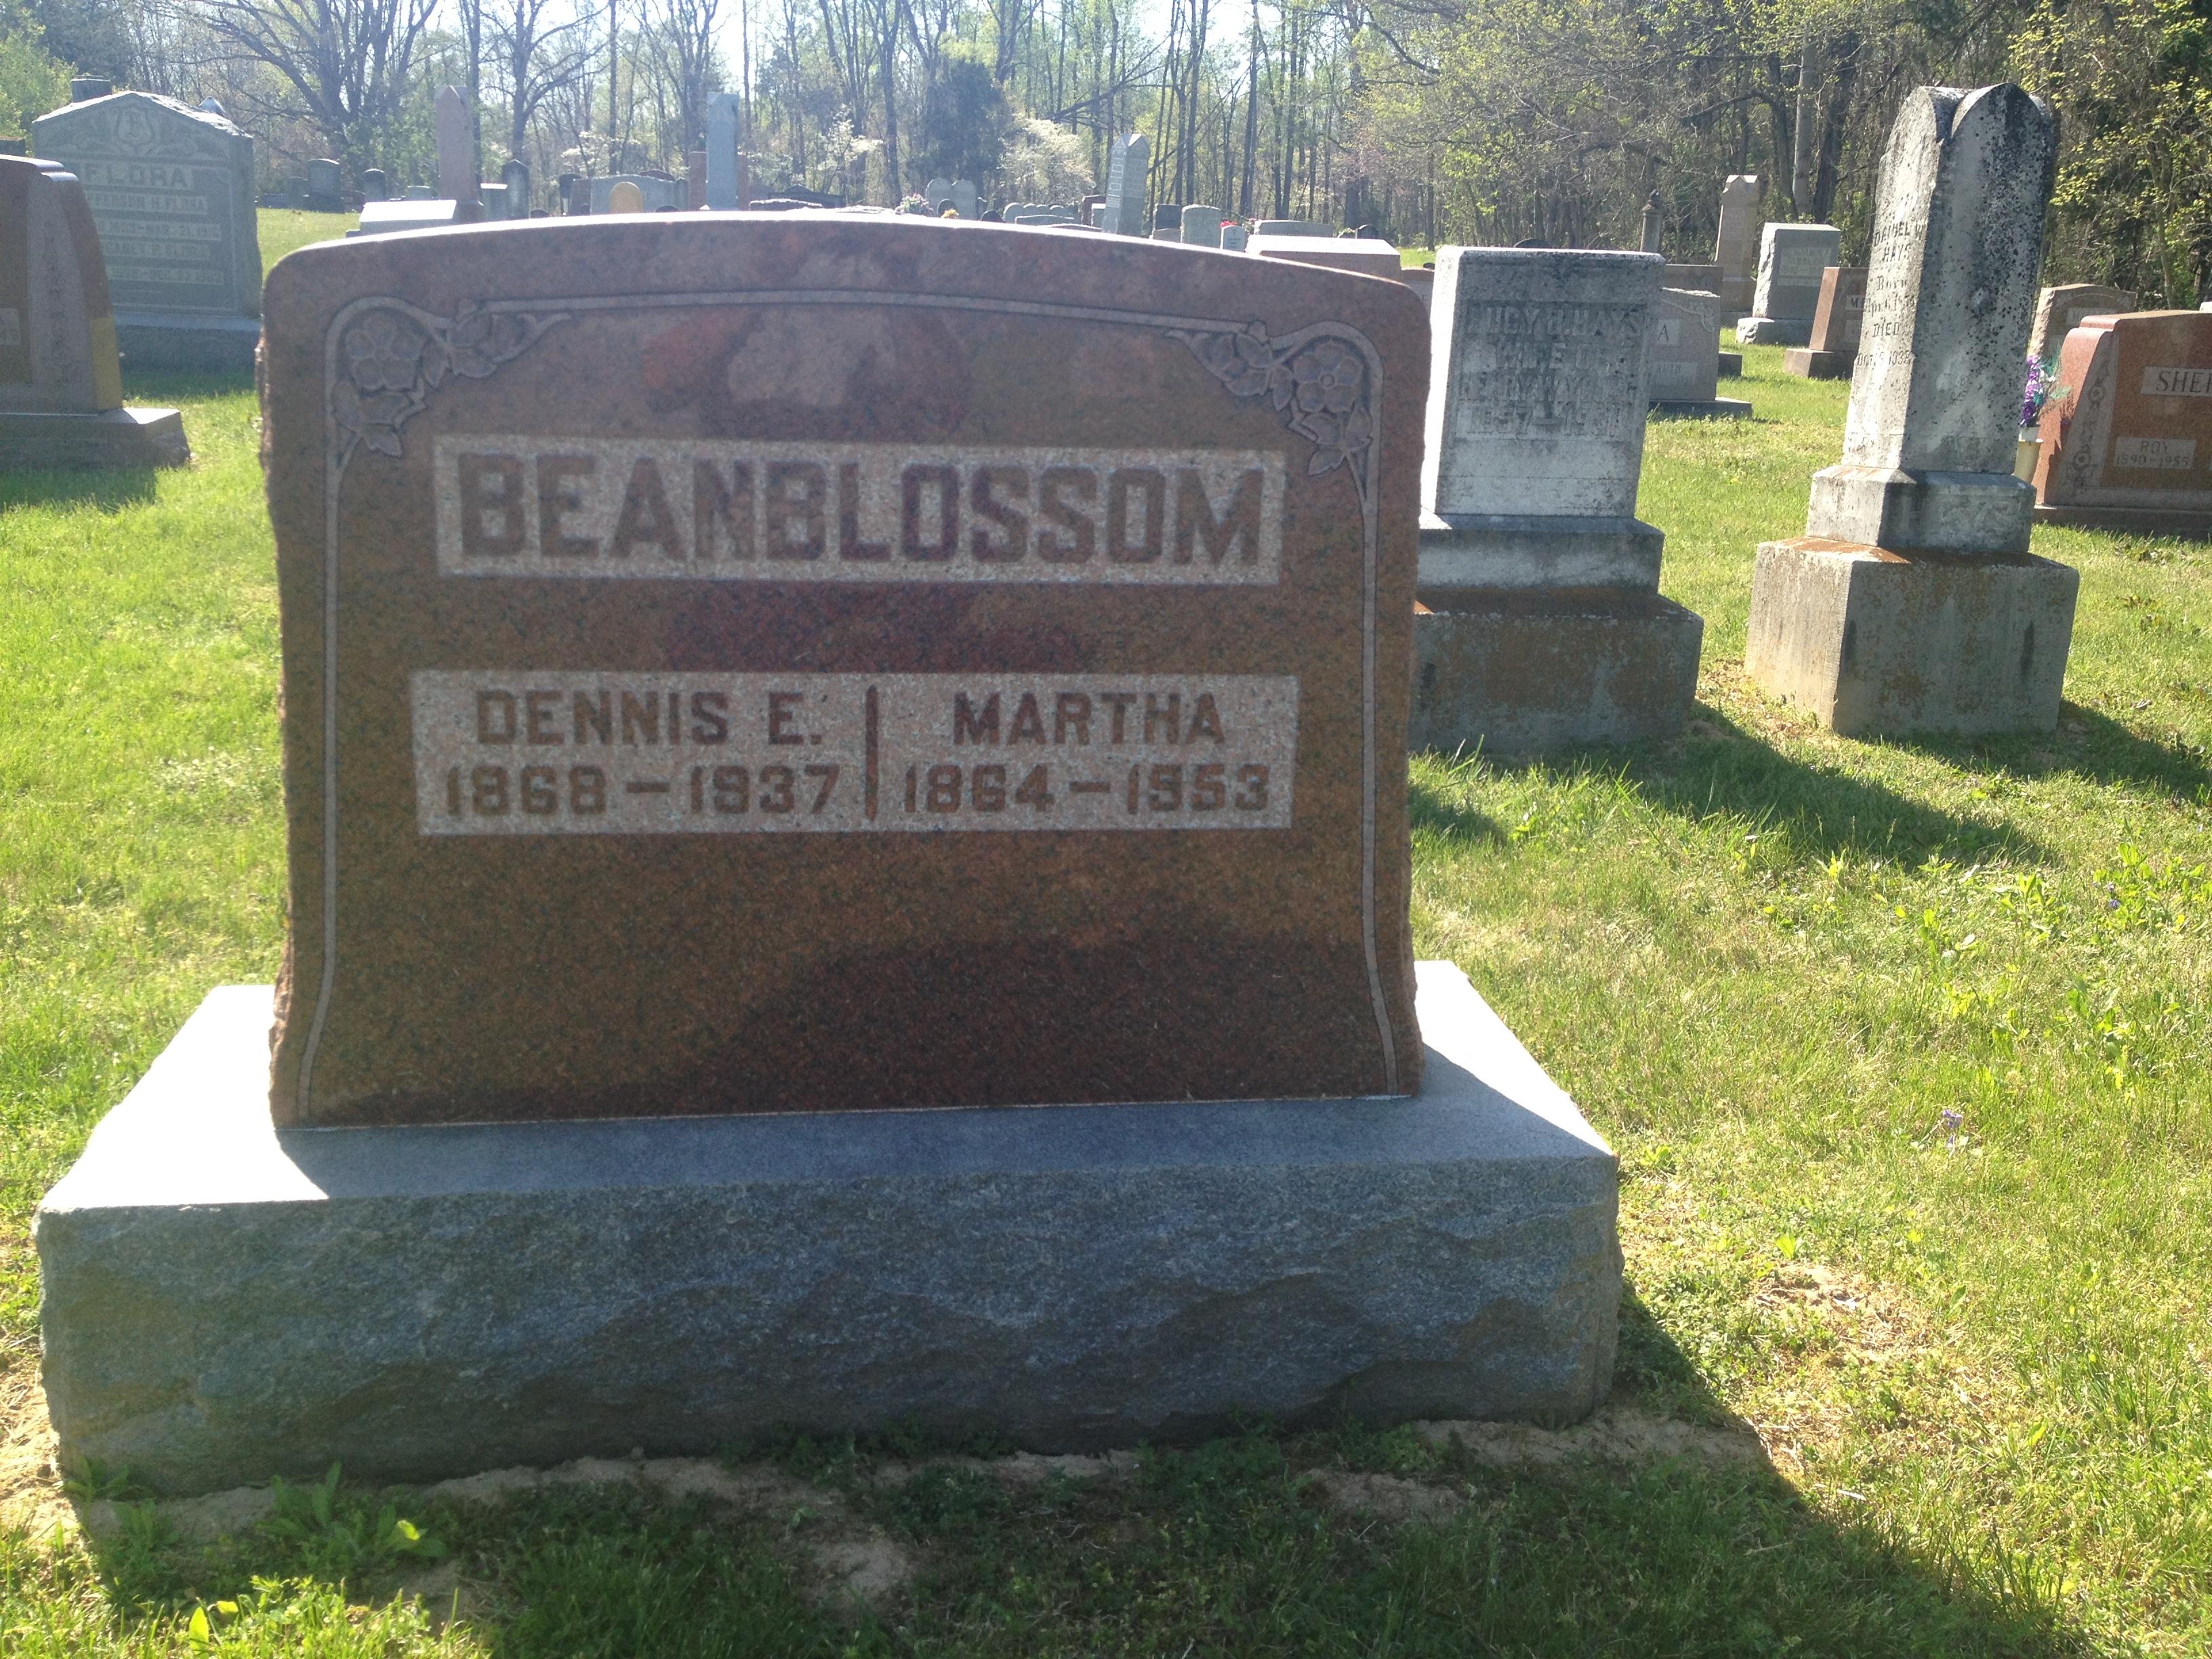 Dennis E. Beanblossom